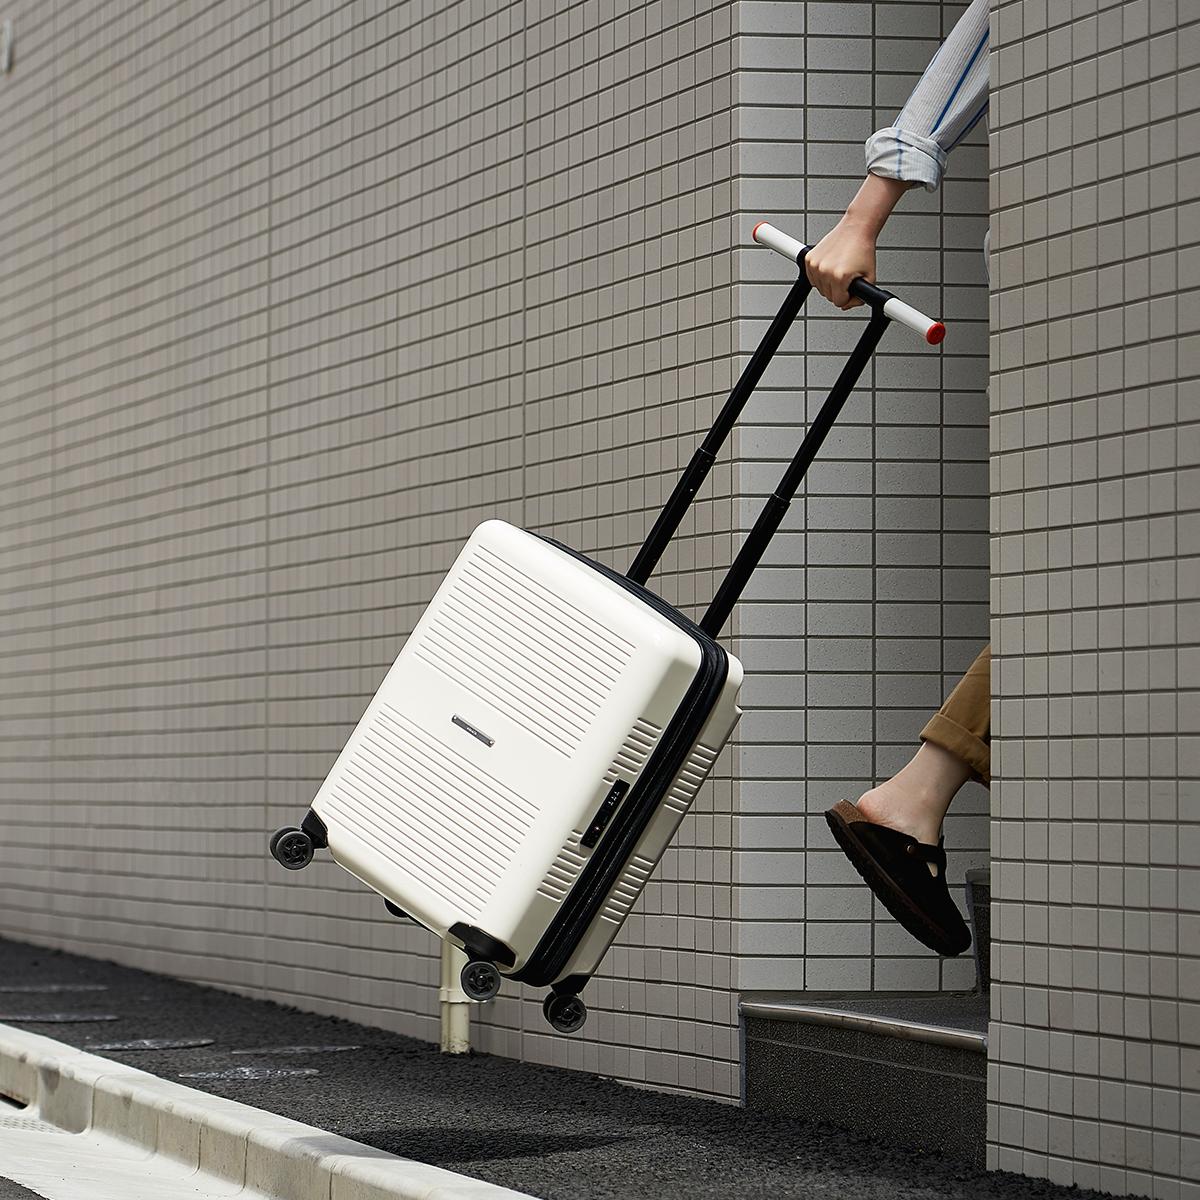 360°クルクルと回転し、力をいれなくても軽やかに並走してくれるので、手首への負担もほとんどない、機内持ち込み用(37L)&長期旅行用(72L)スーツケースセット| RAWROW | R TRUNK LITE